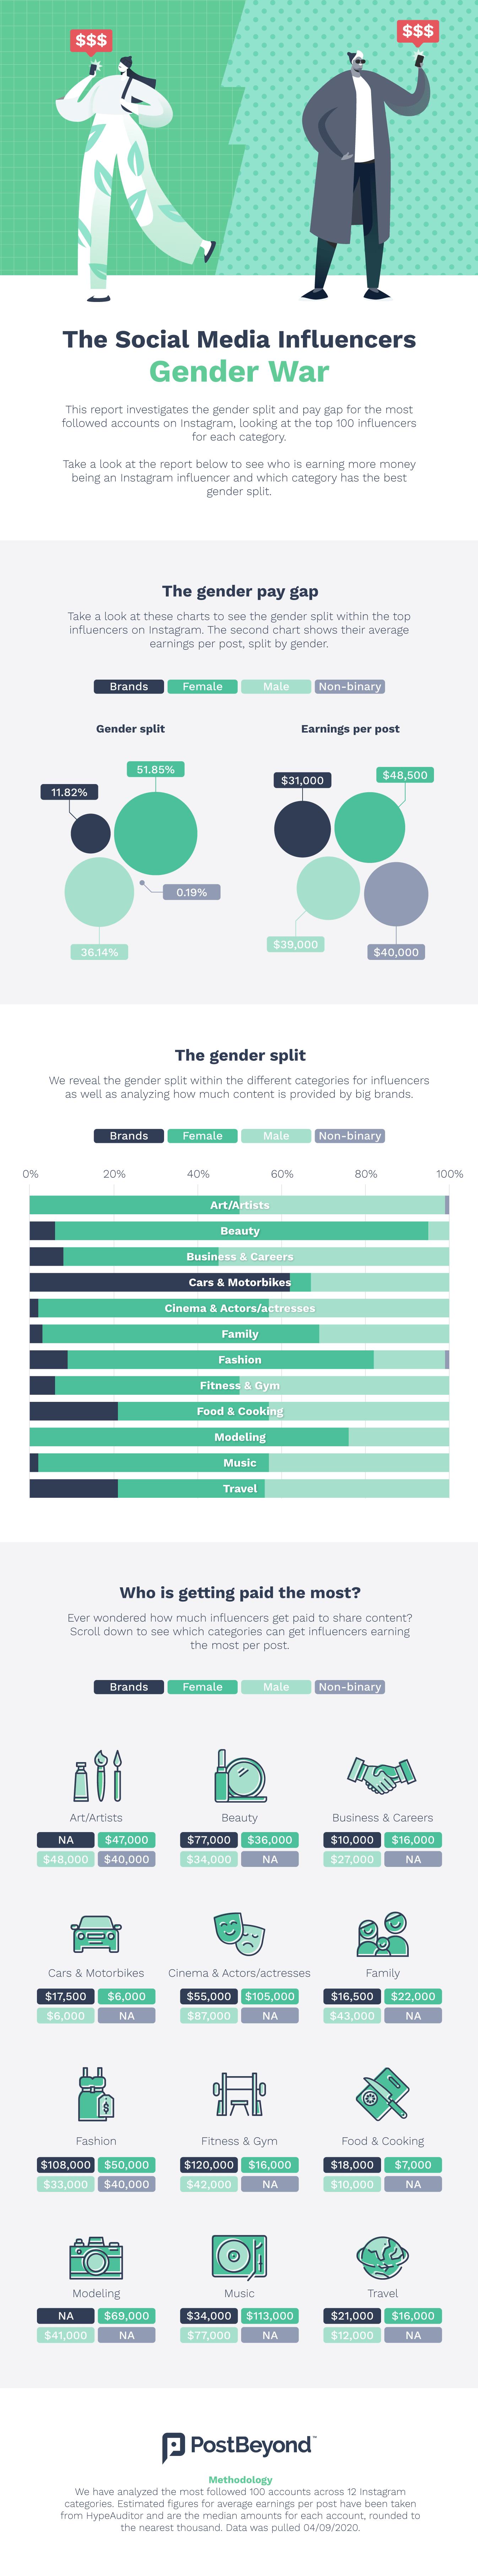 Infographic that reveals the gender split between the top 100 Instagram influencers worldwide.